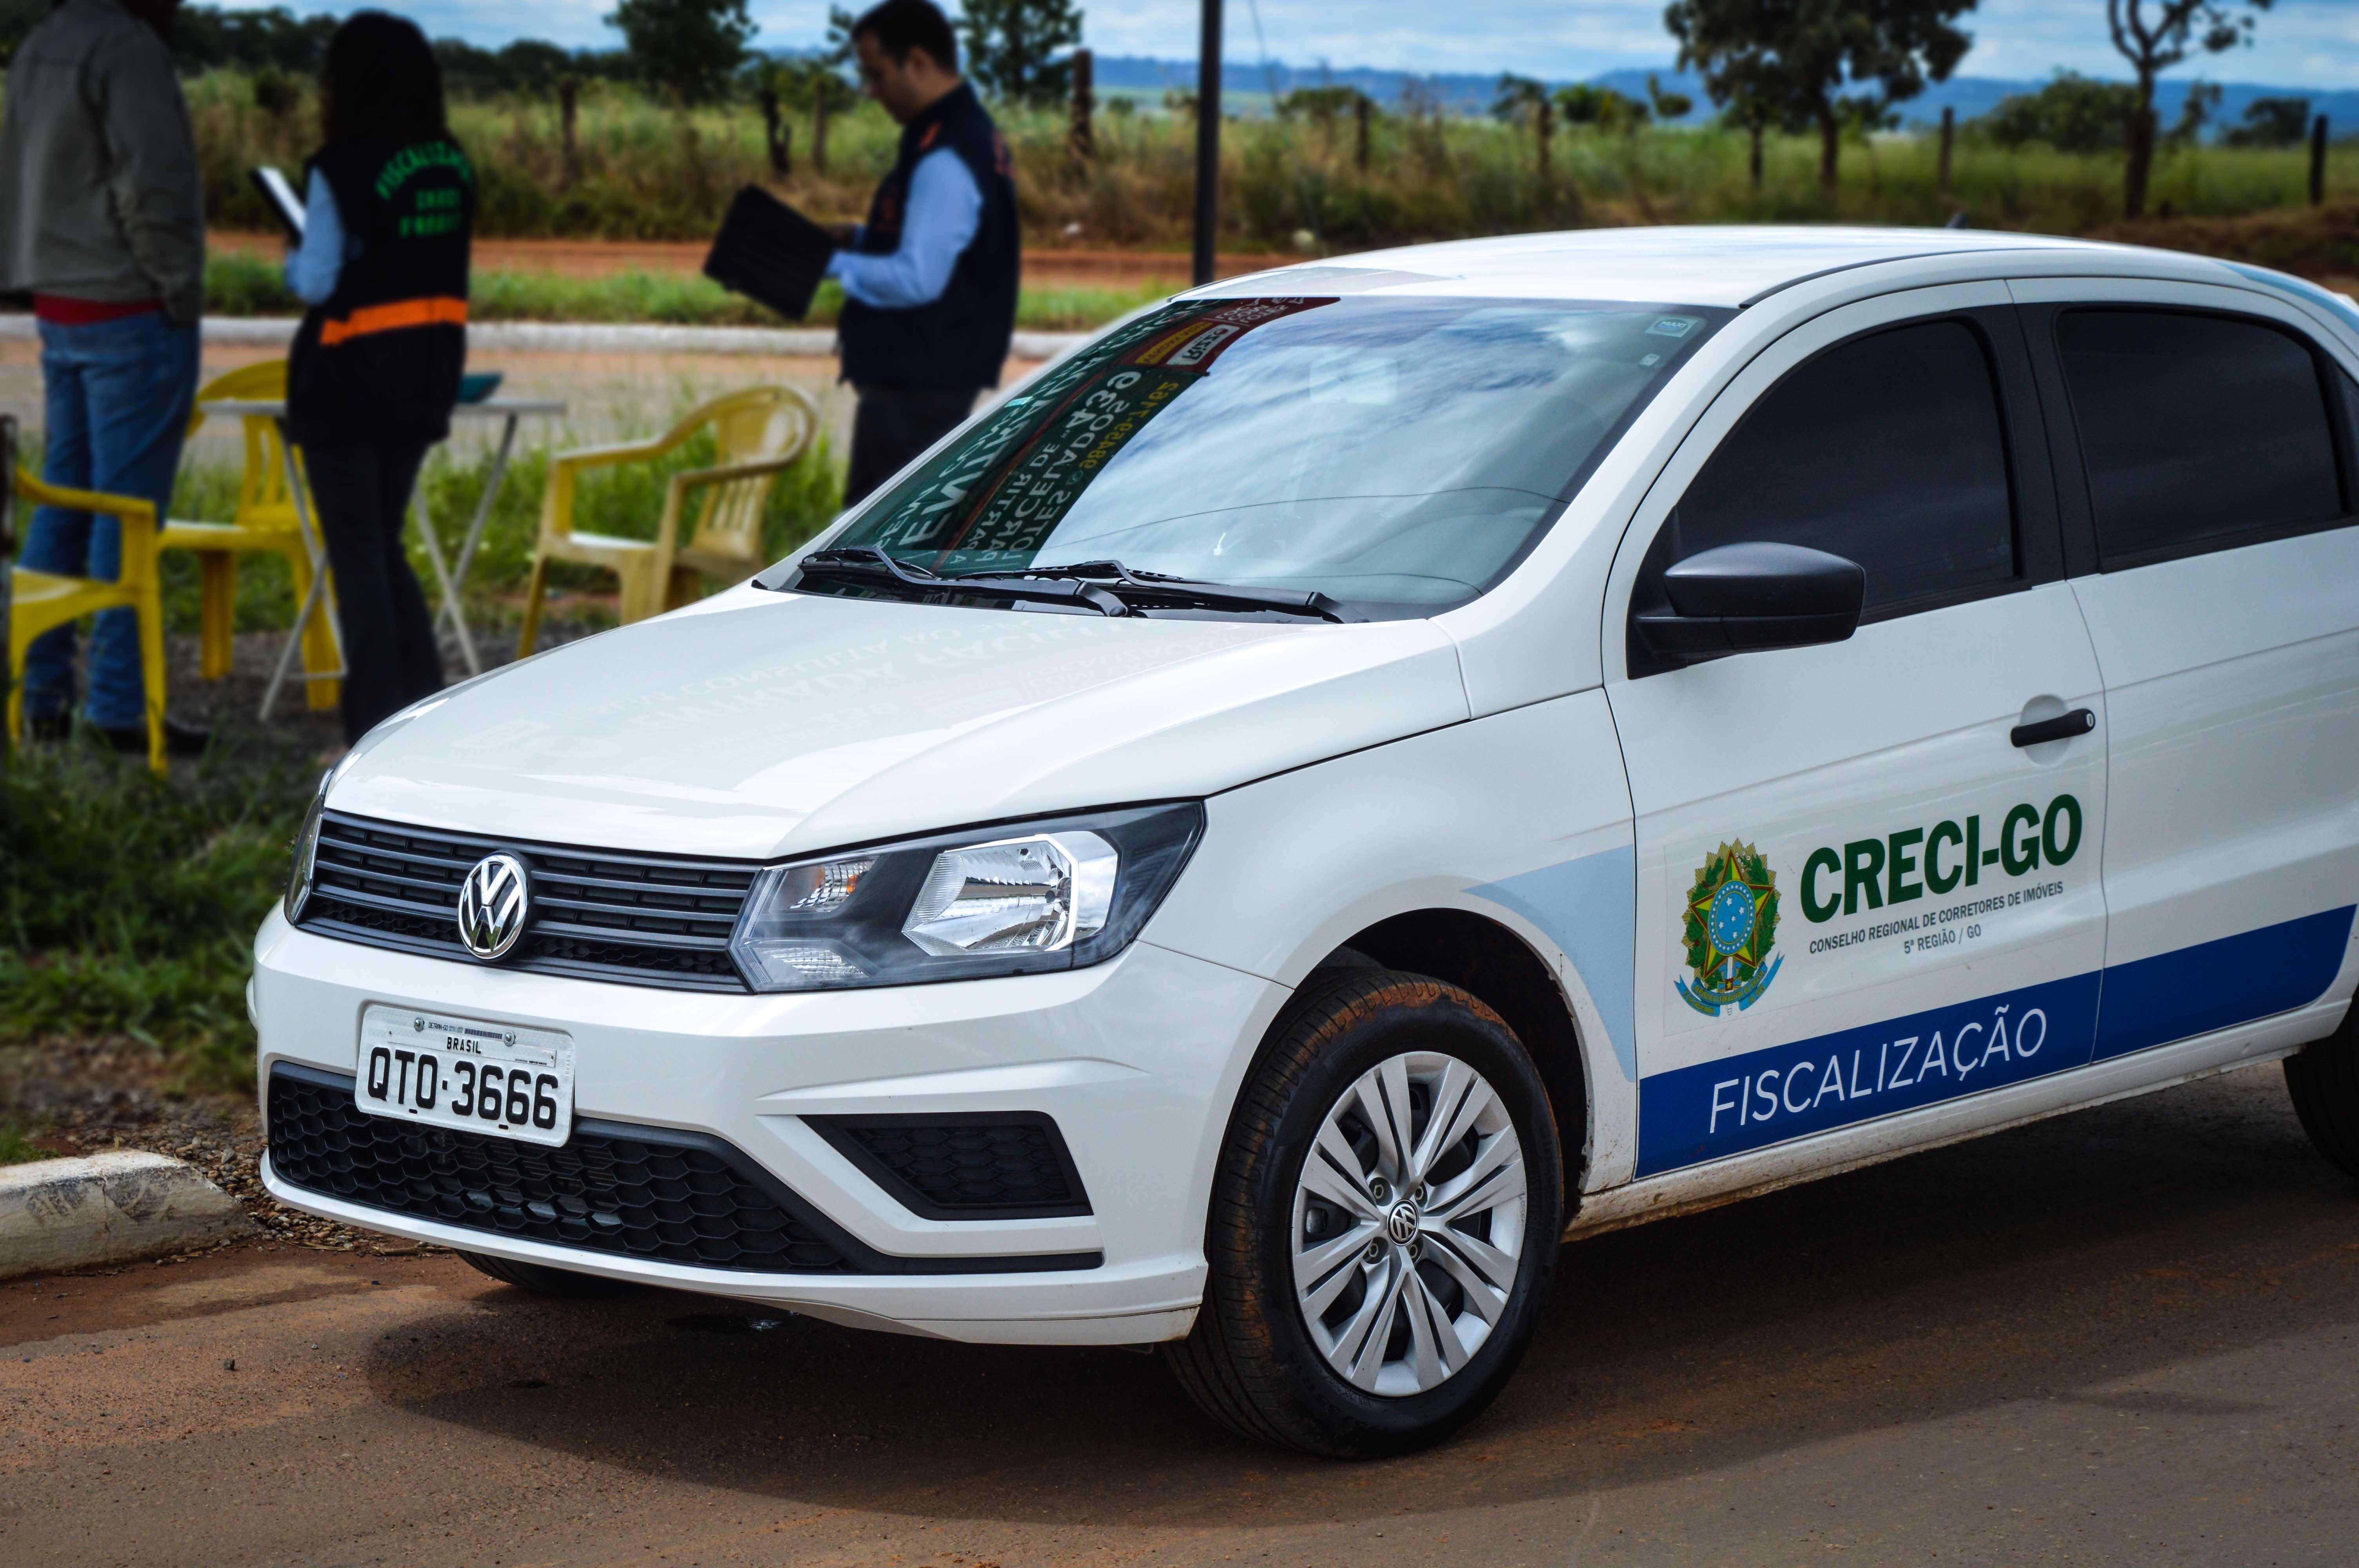 Números da fiscalização em fevereiro   CRECI-GO/ Conselho Regional de Corretores de Imóveis de Goiás